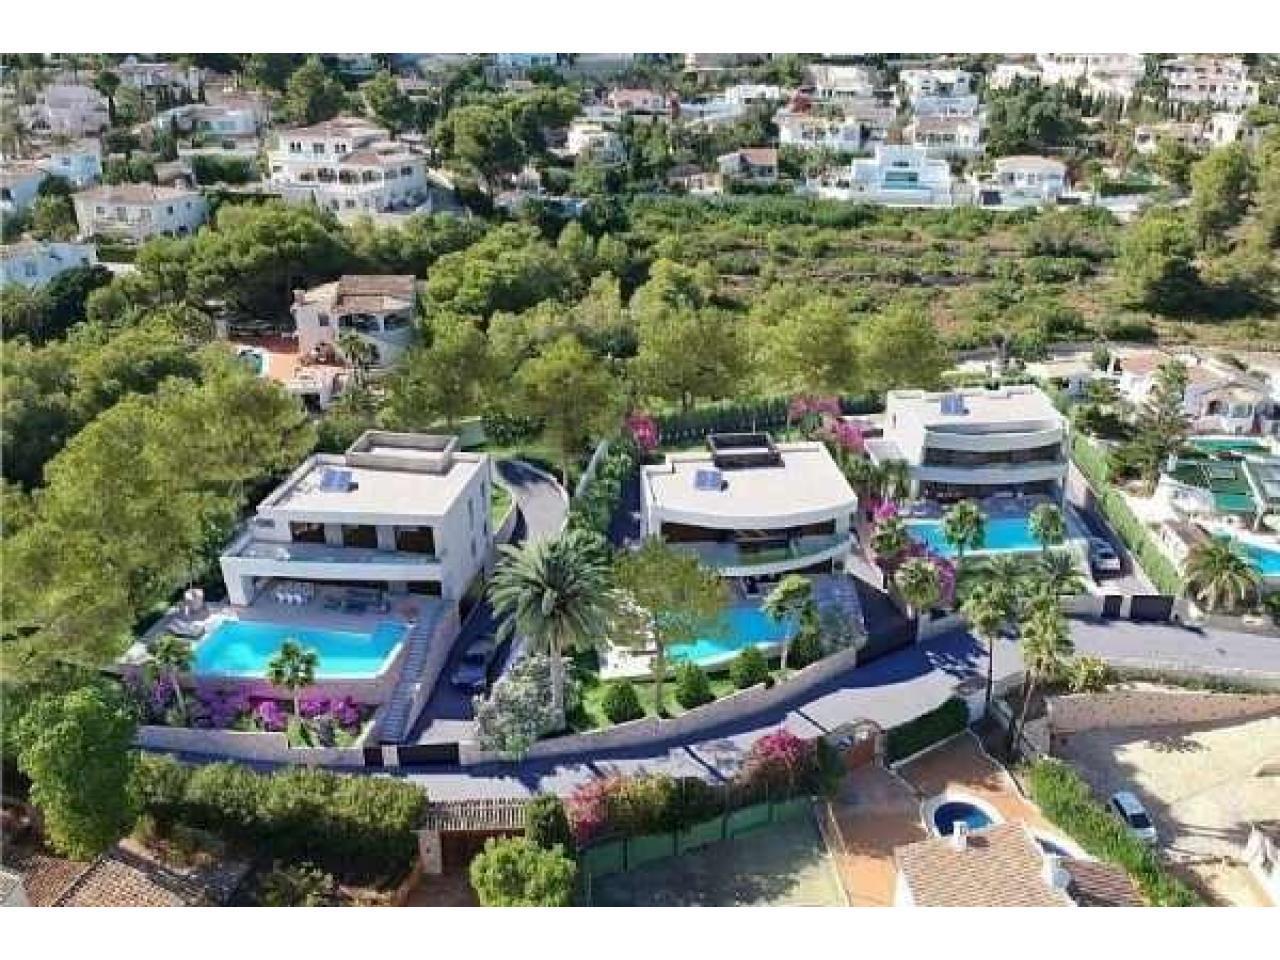 Недвижимость в Испании, Новая вилла с видами на море от застройщика в Морайра,Коста Бланка,Испания - 7